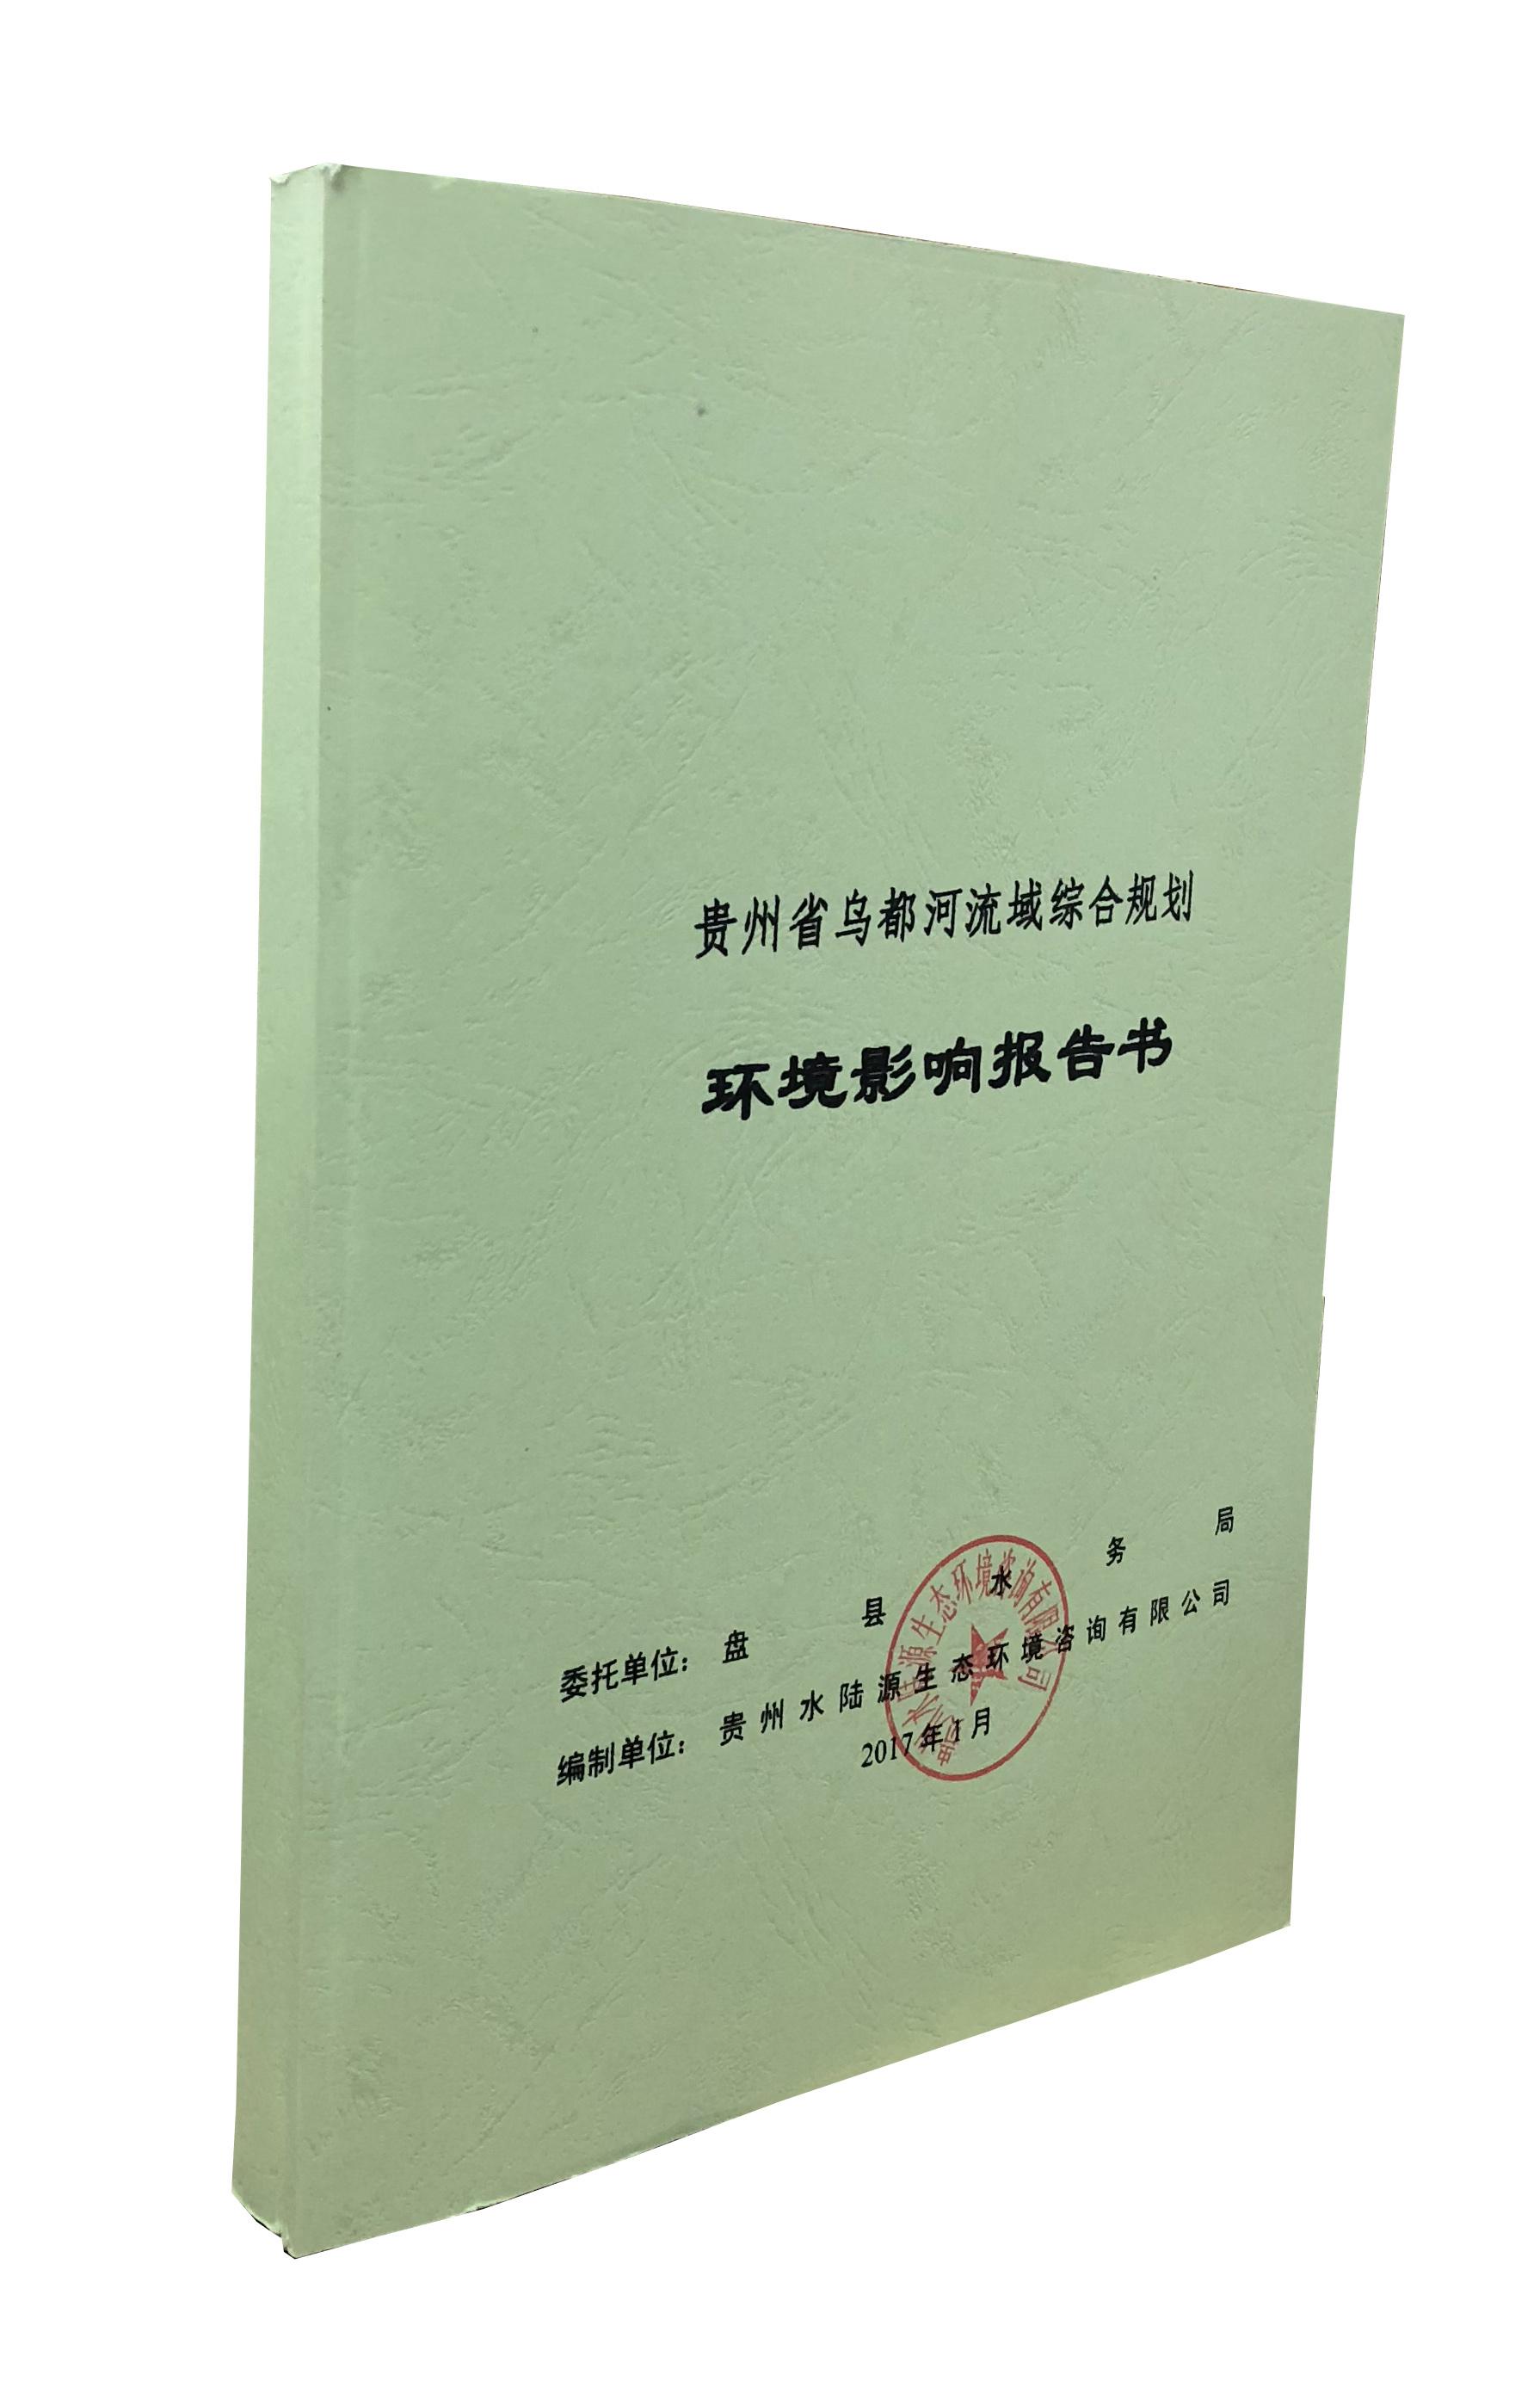 贵州省乌都河流域综合规划贝斯特516全球最奢华报告书